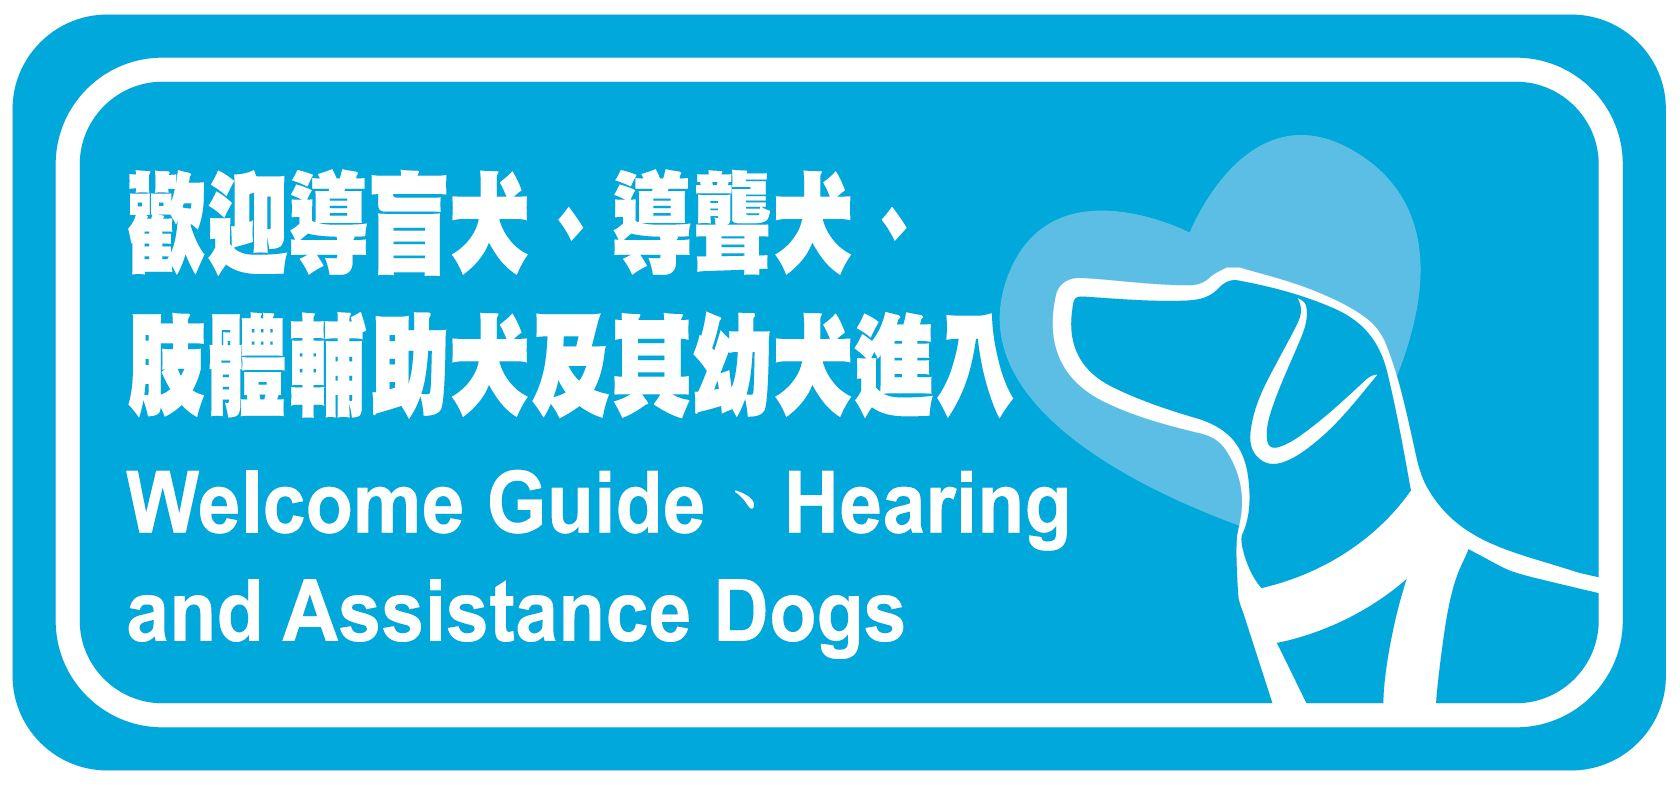 本活动欢迎导盲犬进入标章